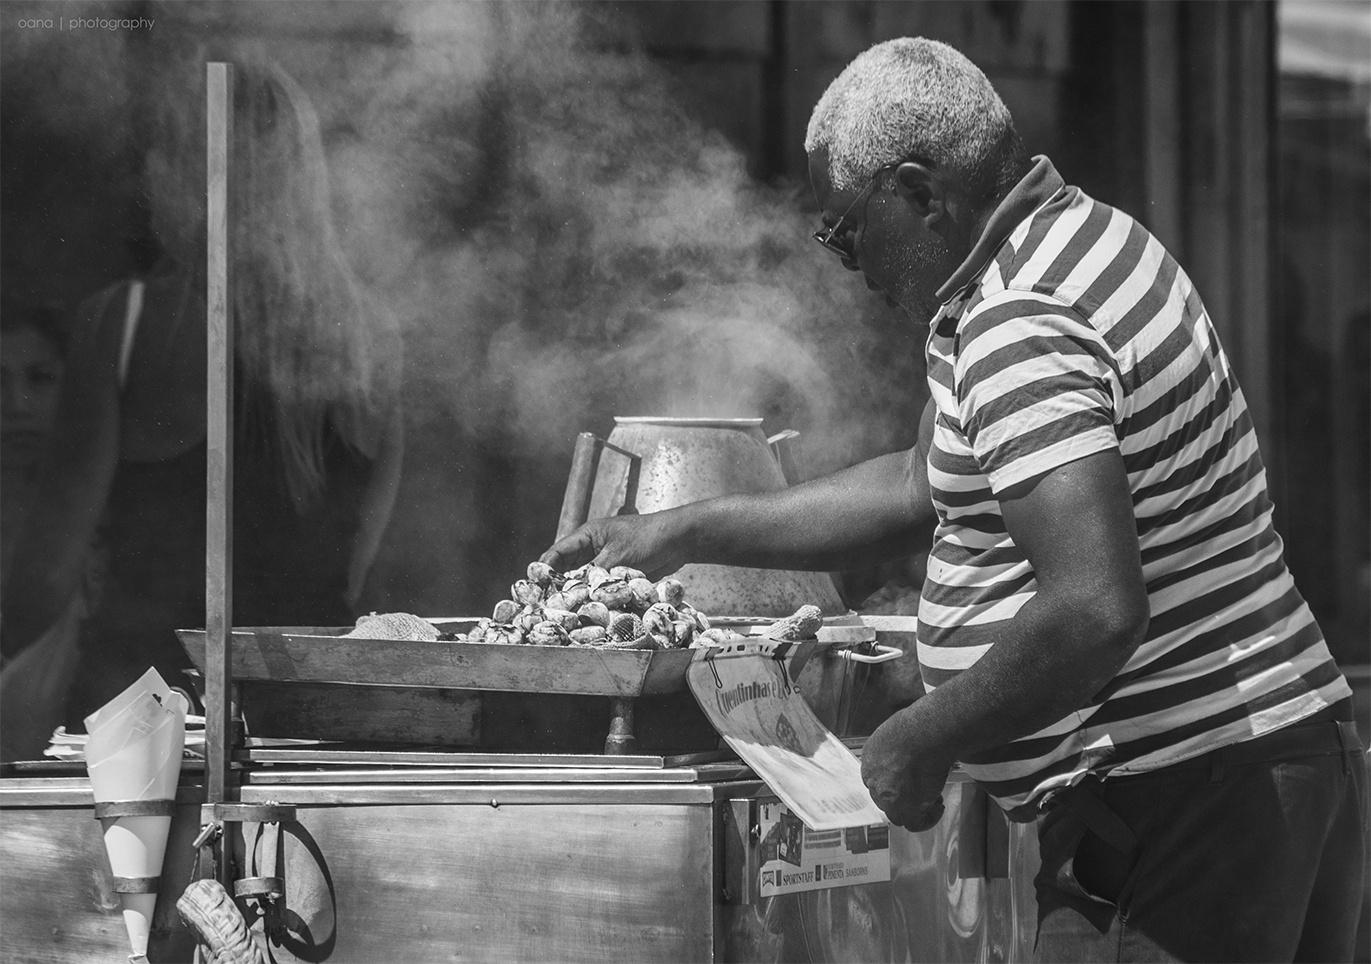 © Oana R Vacian - homem das castanhas ||